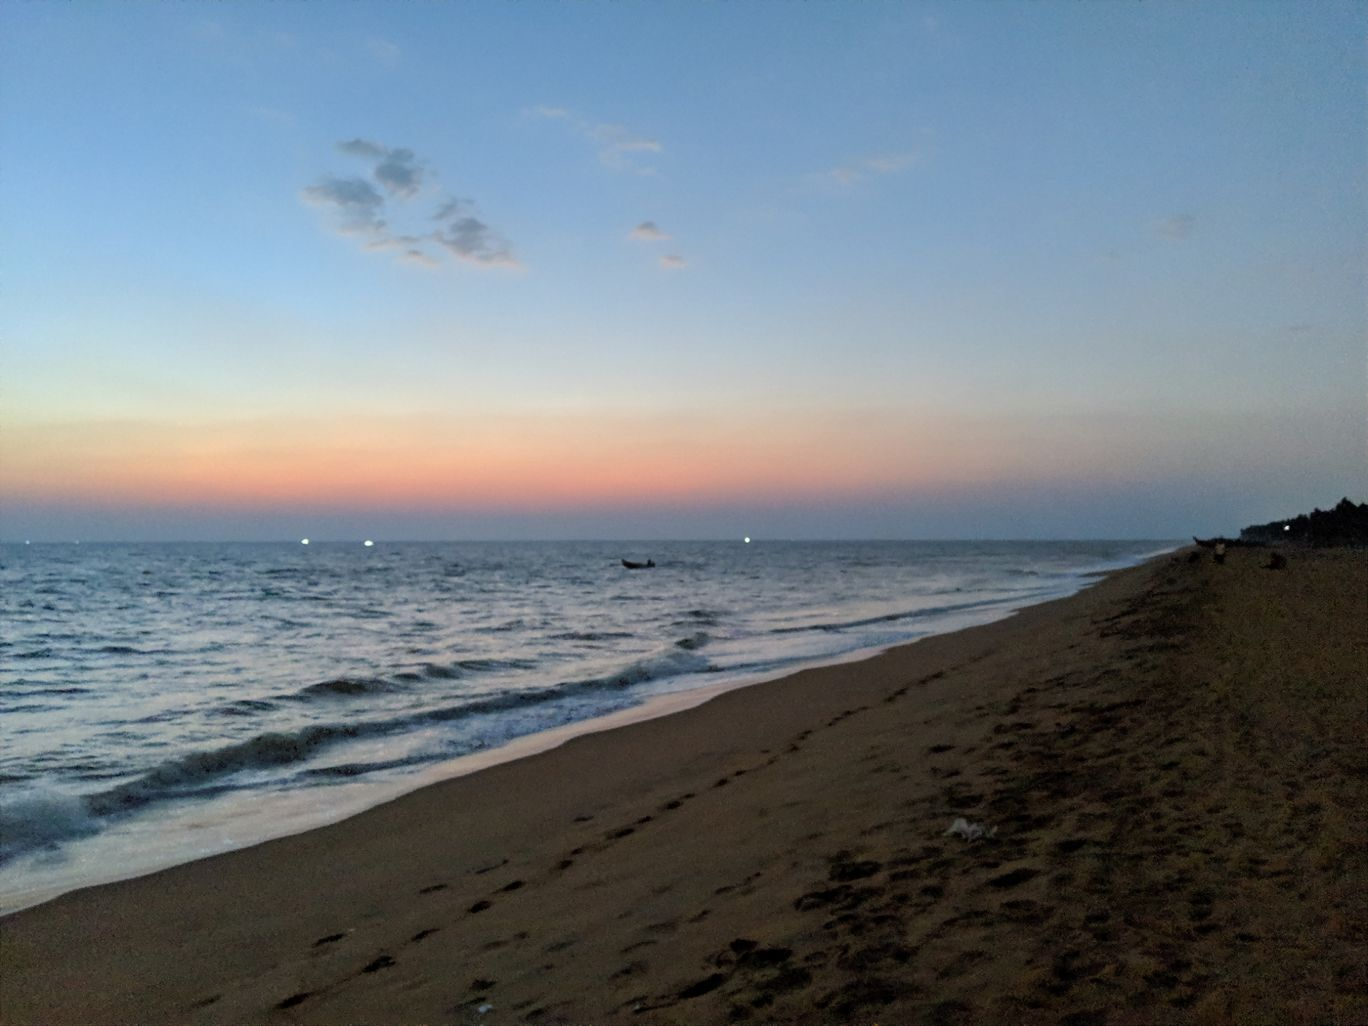 Photo of Shanghumugham Beach Parking By Gaurav Kushwaha